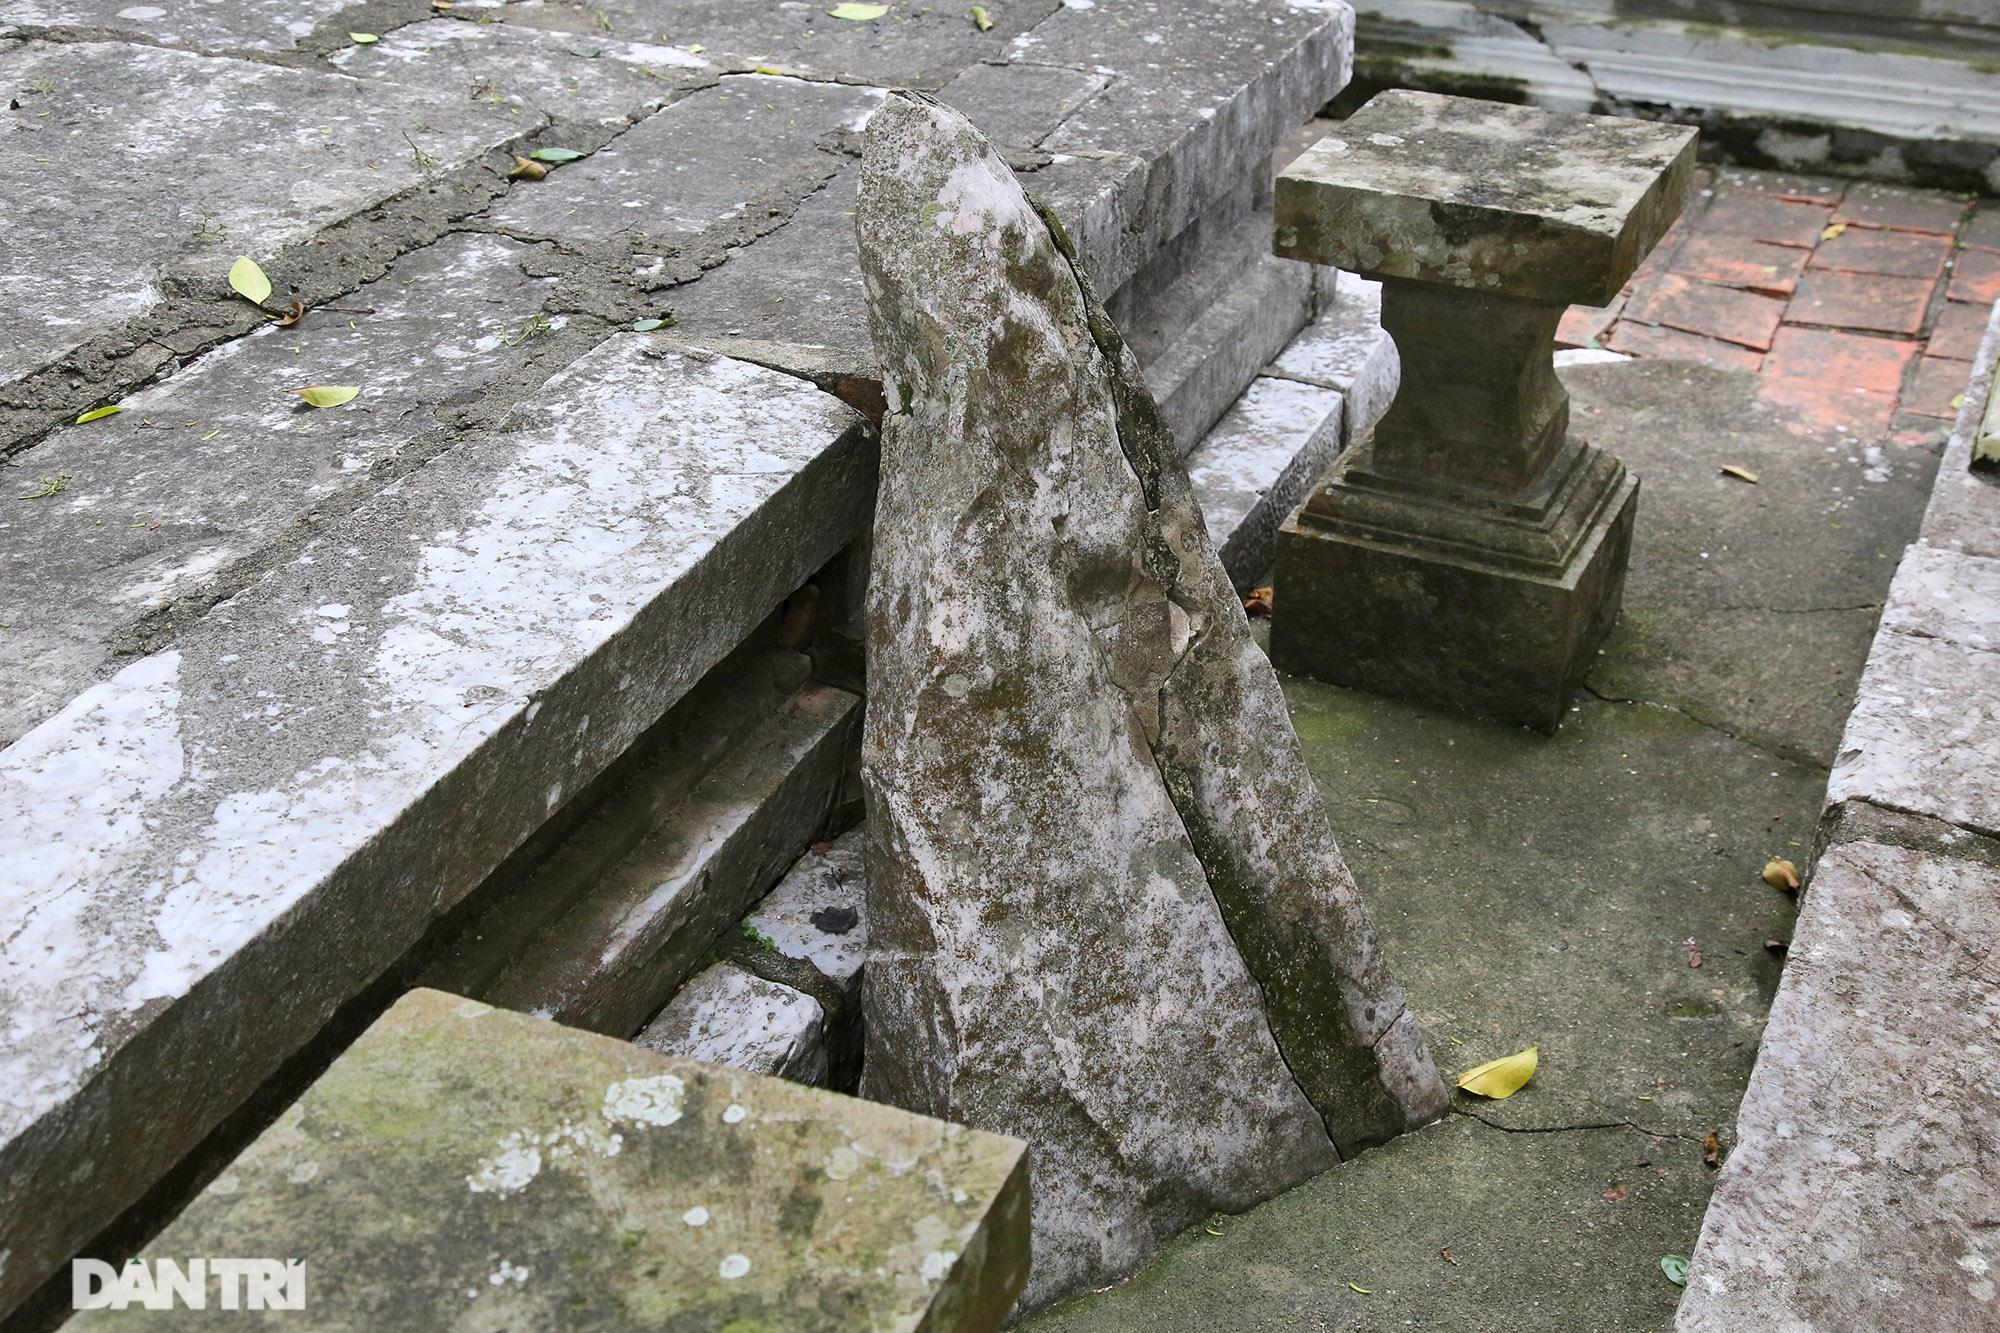 Huyền tích nghìn đời qua những ngôi quán cổ ở Hà Nội - 10